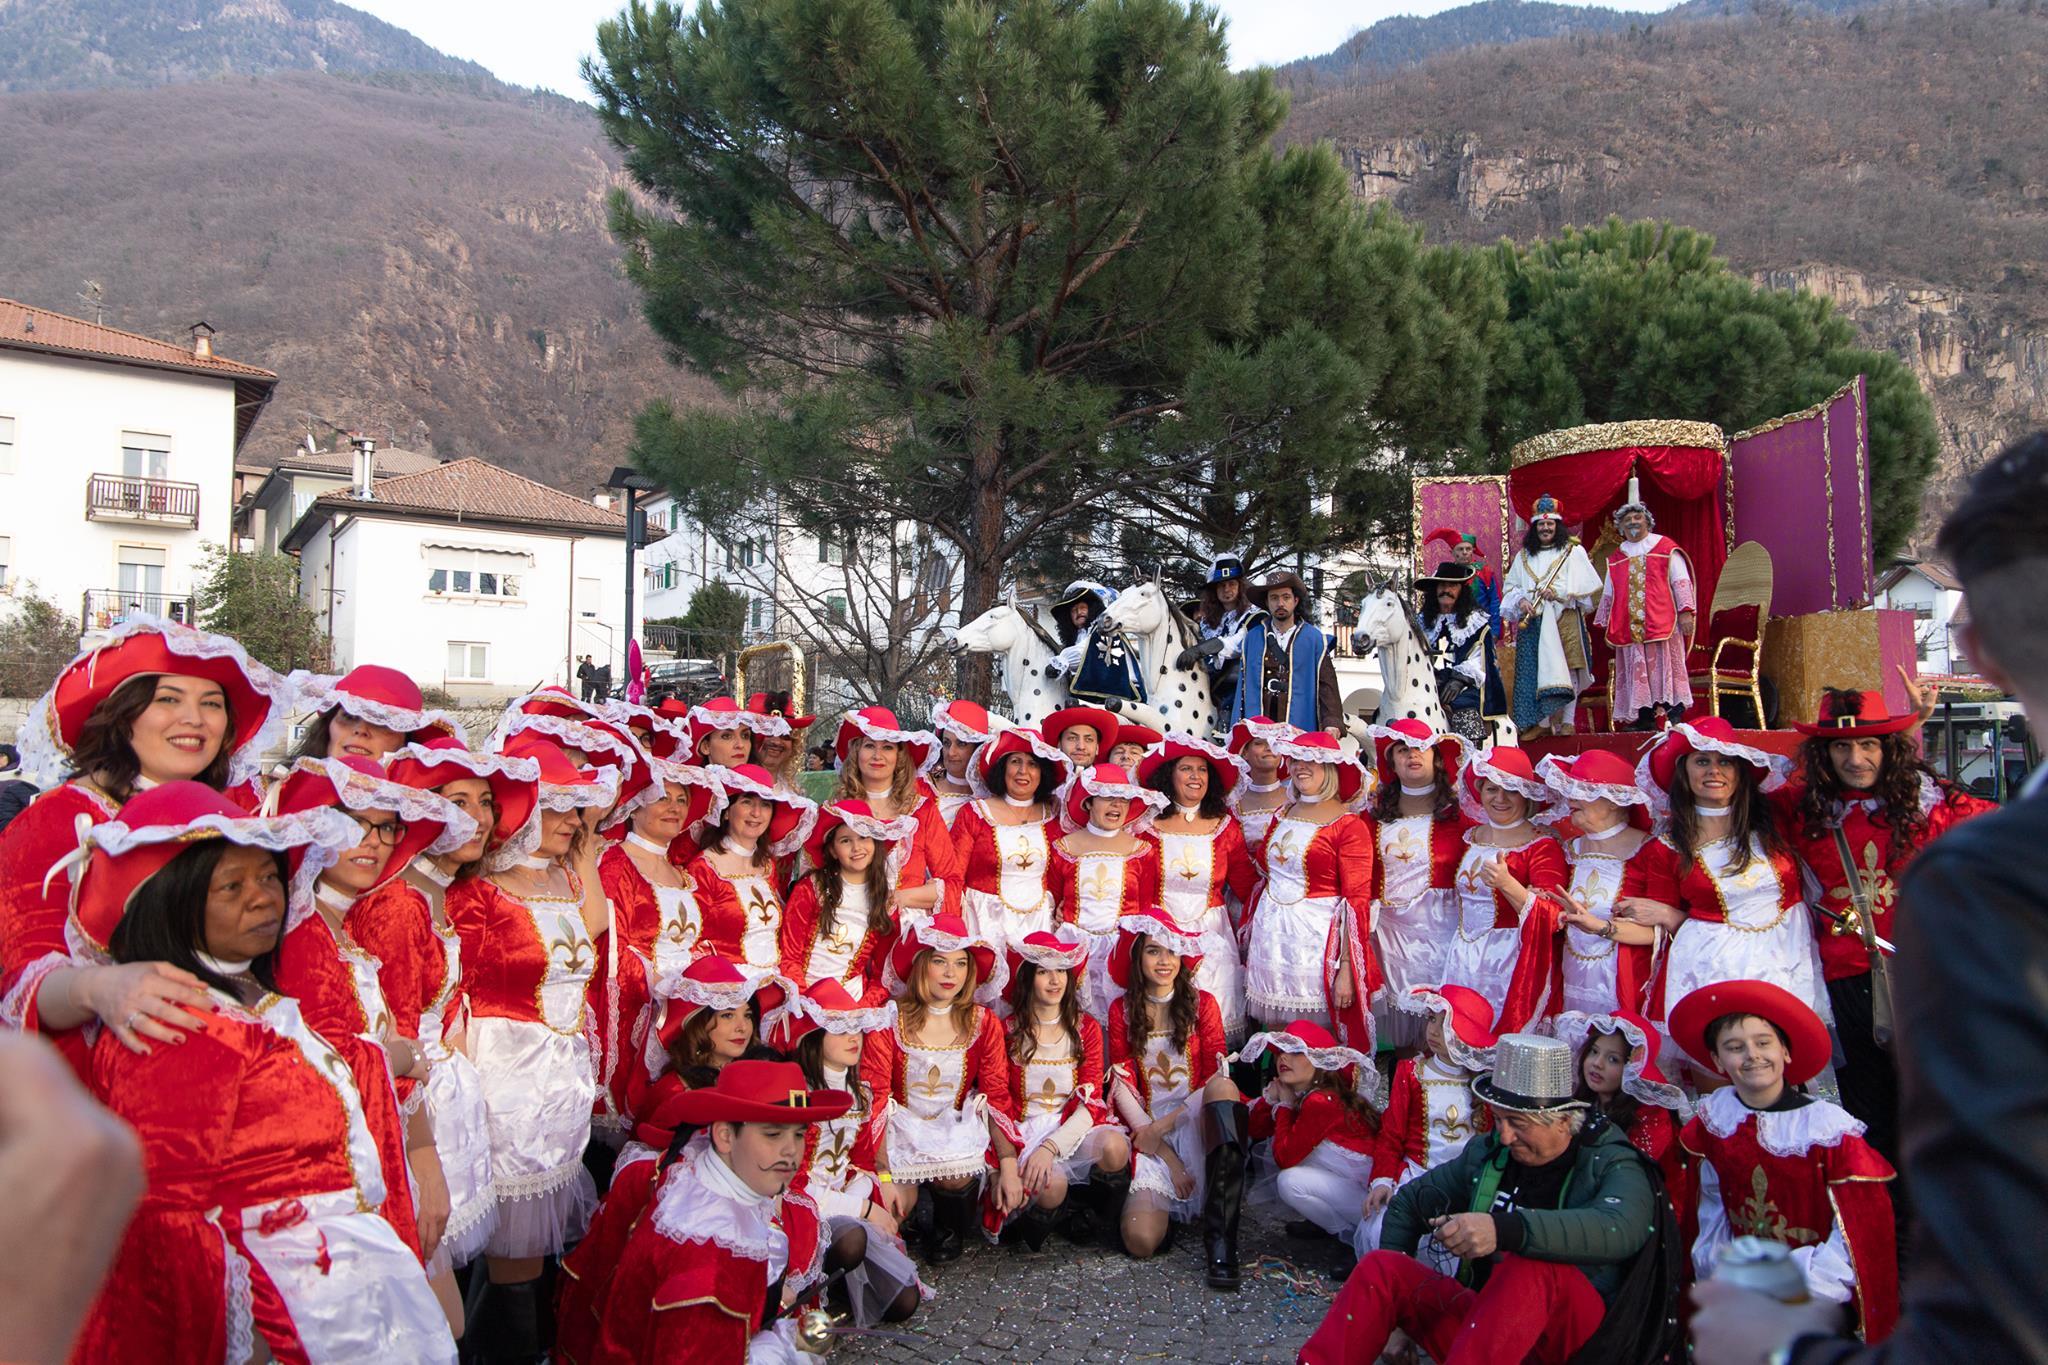 I 3 moschettieri Gruppo Carnevalesco